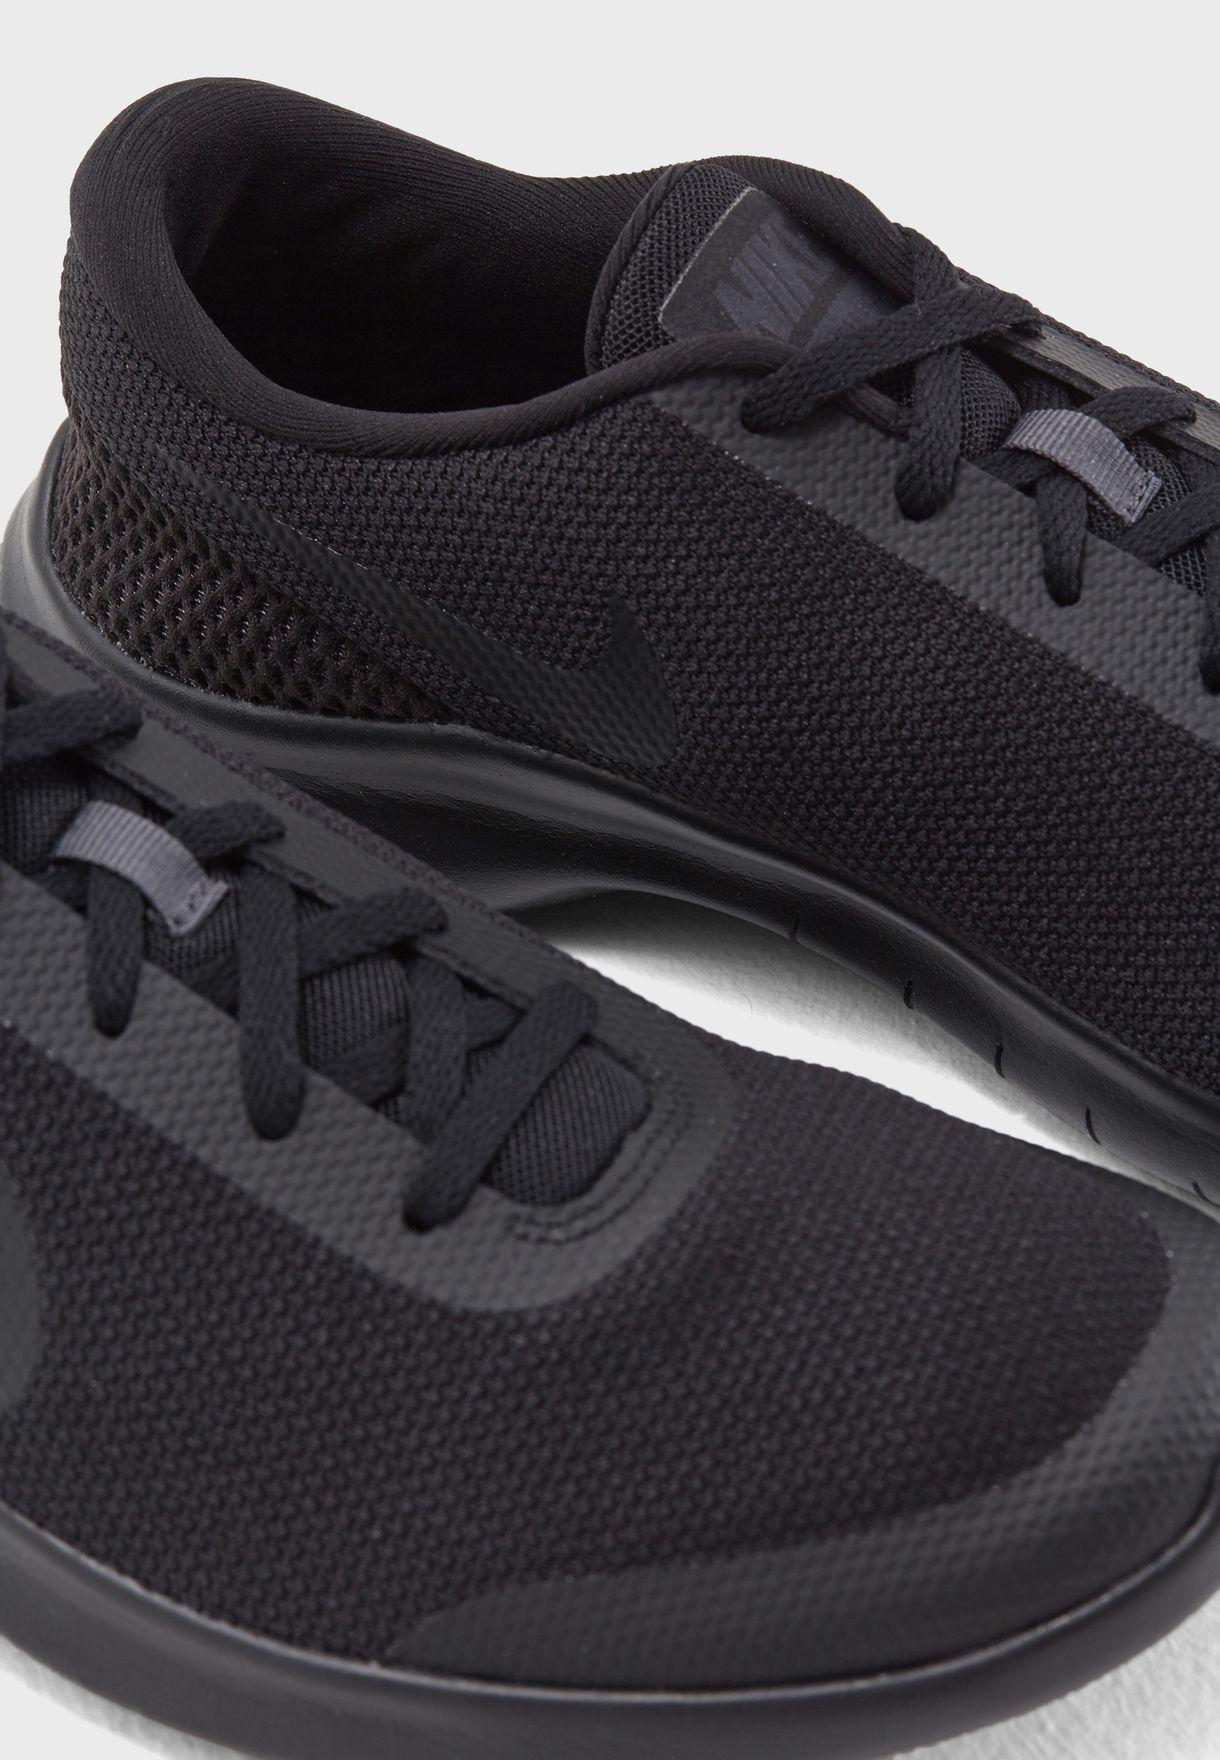 7a7675fcedf70 Shop Nike black Flex Experience RN 7 908985-002 for Men in UAE ...